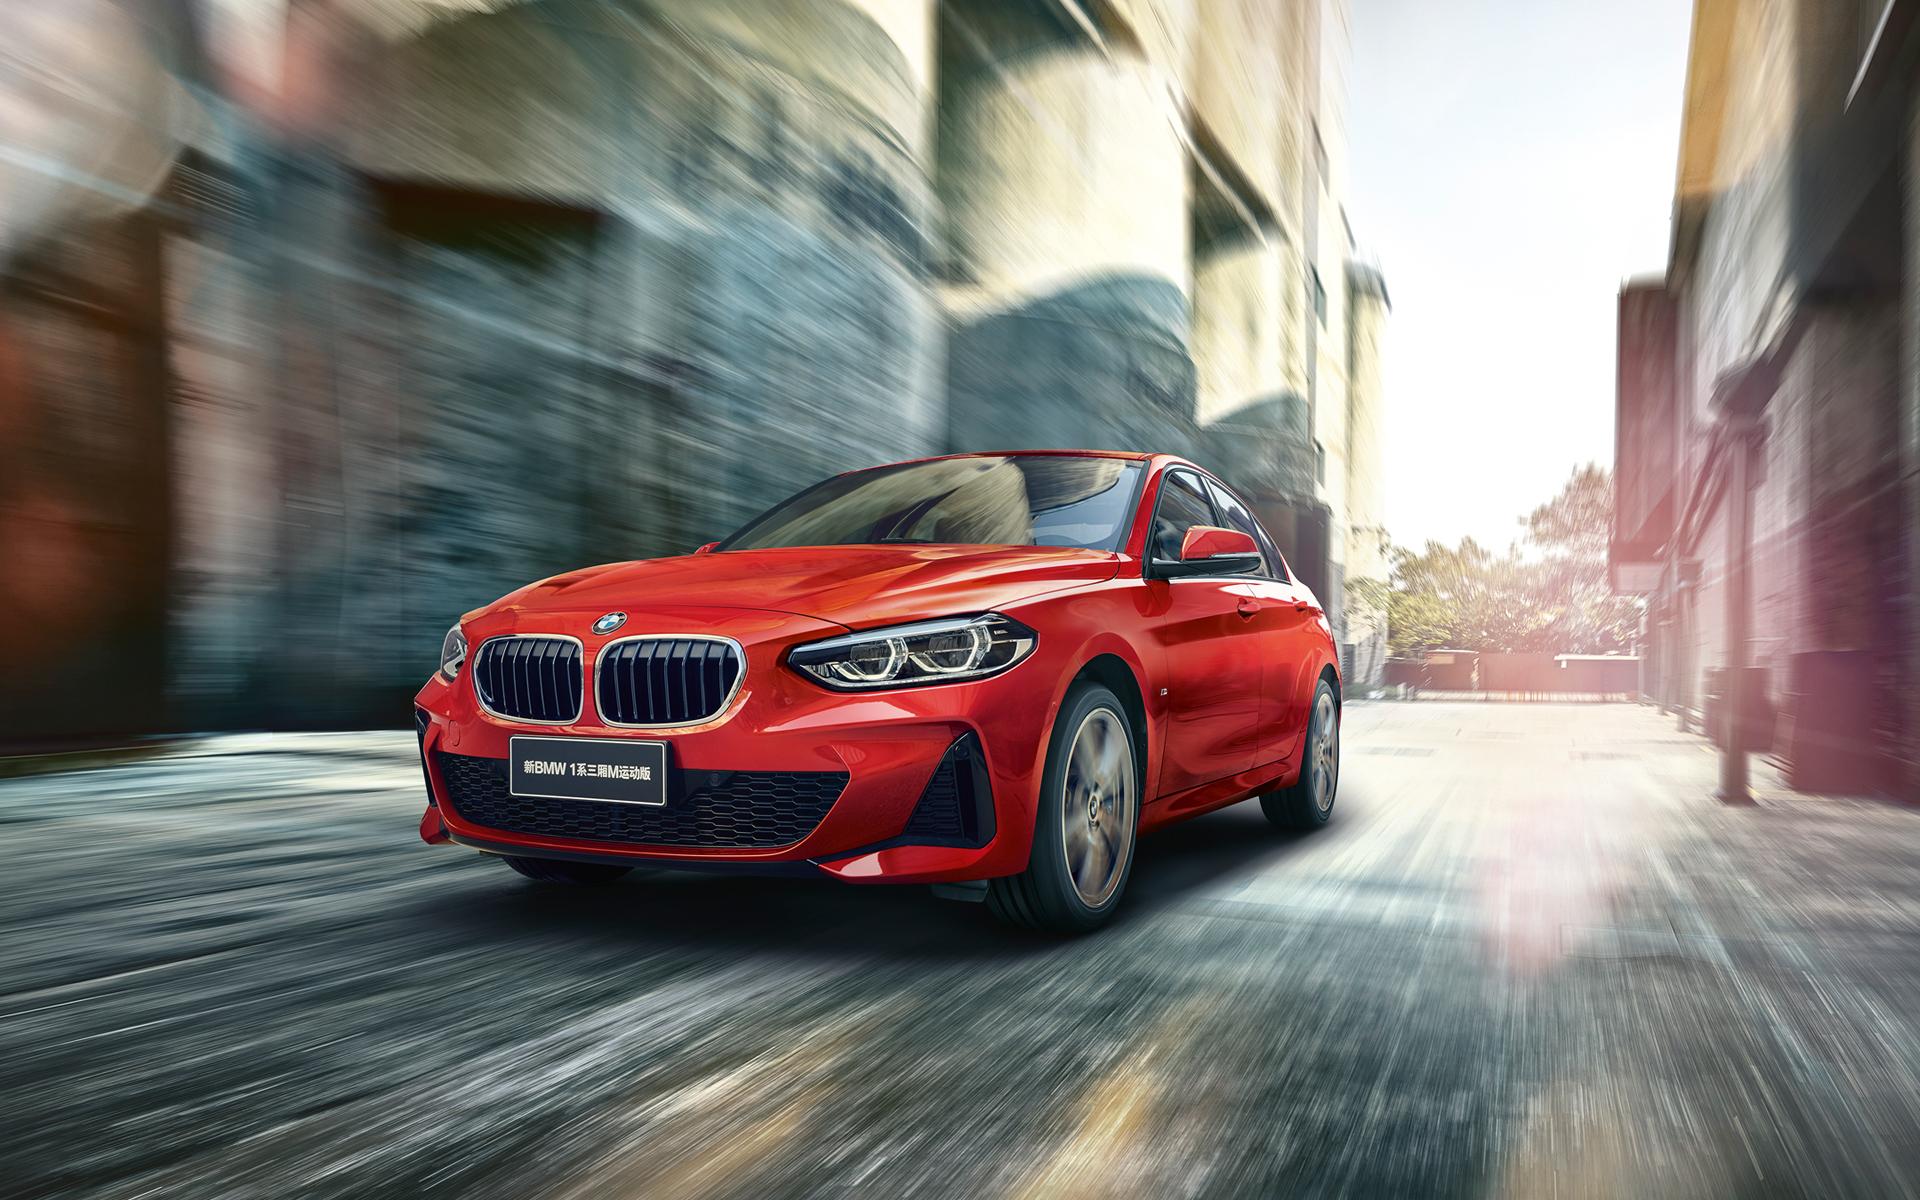 1系三廂運動轎車-價格/配置/圖片/金融政策|BMW 中國官網